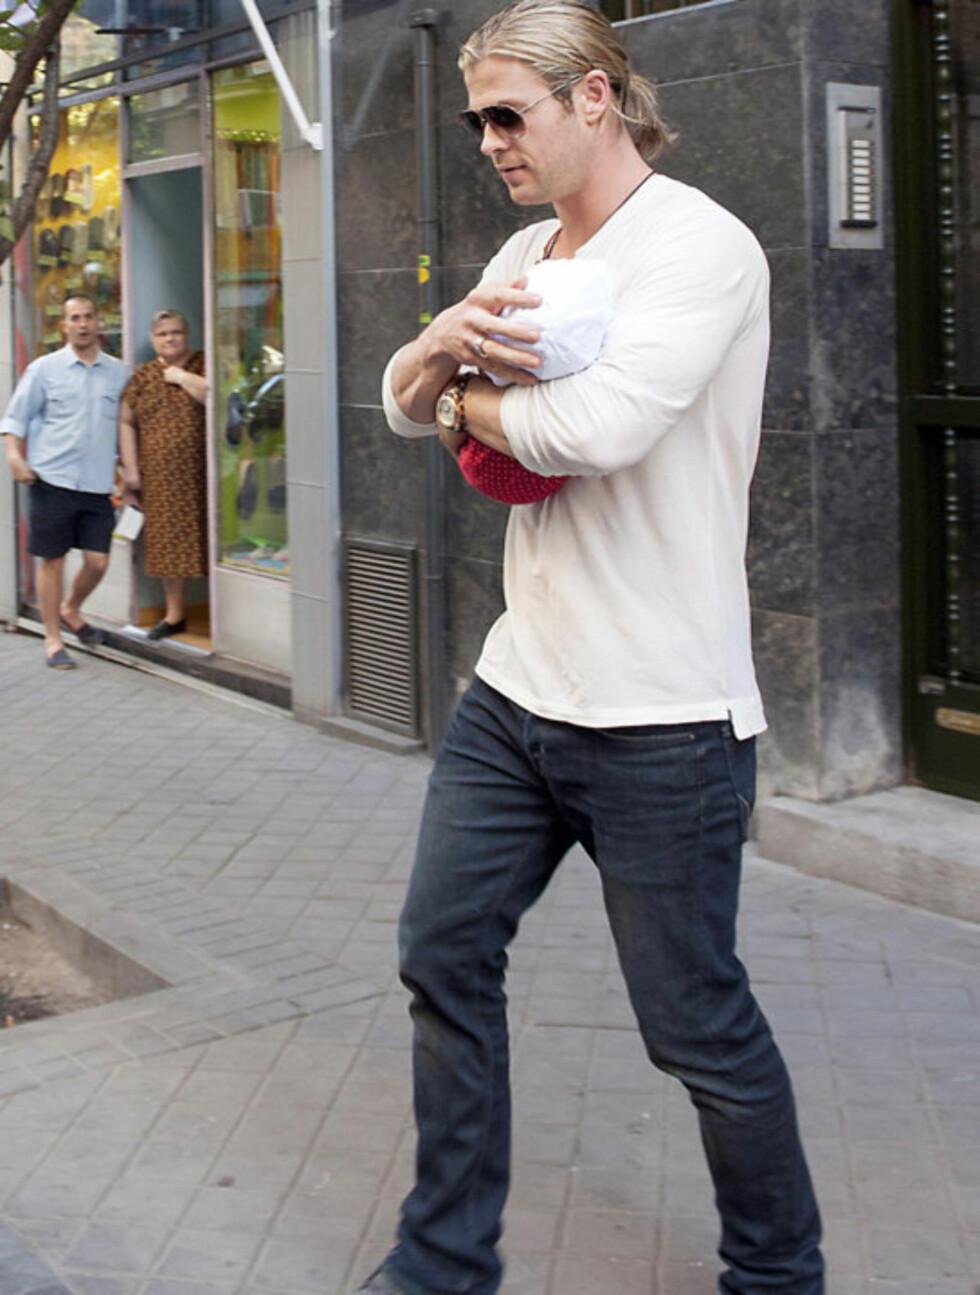 <strong>GODT GREP:</strong> Chris Hemsworth passet godt på datteren ute på gaten i Madrid mandag. Kjekkas-pappaen vakte tydeligvis interesse i byen.  Foto: Stella Pictures